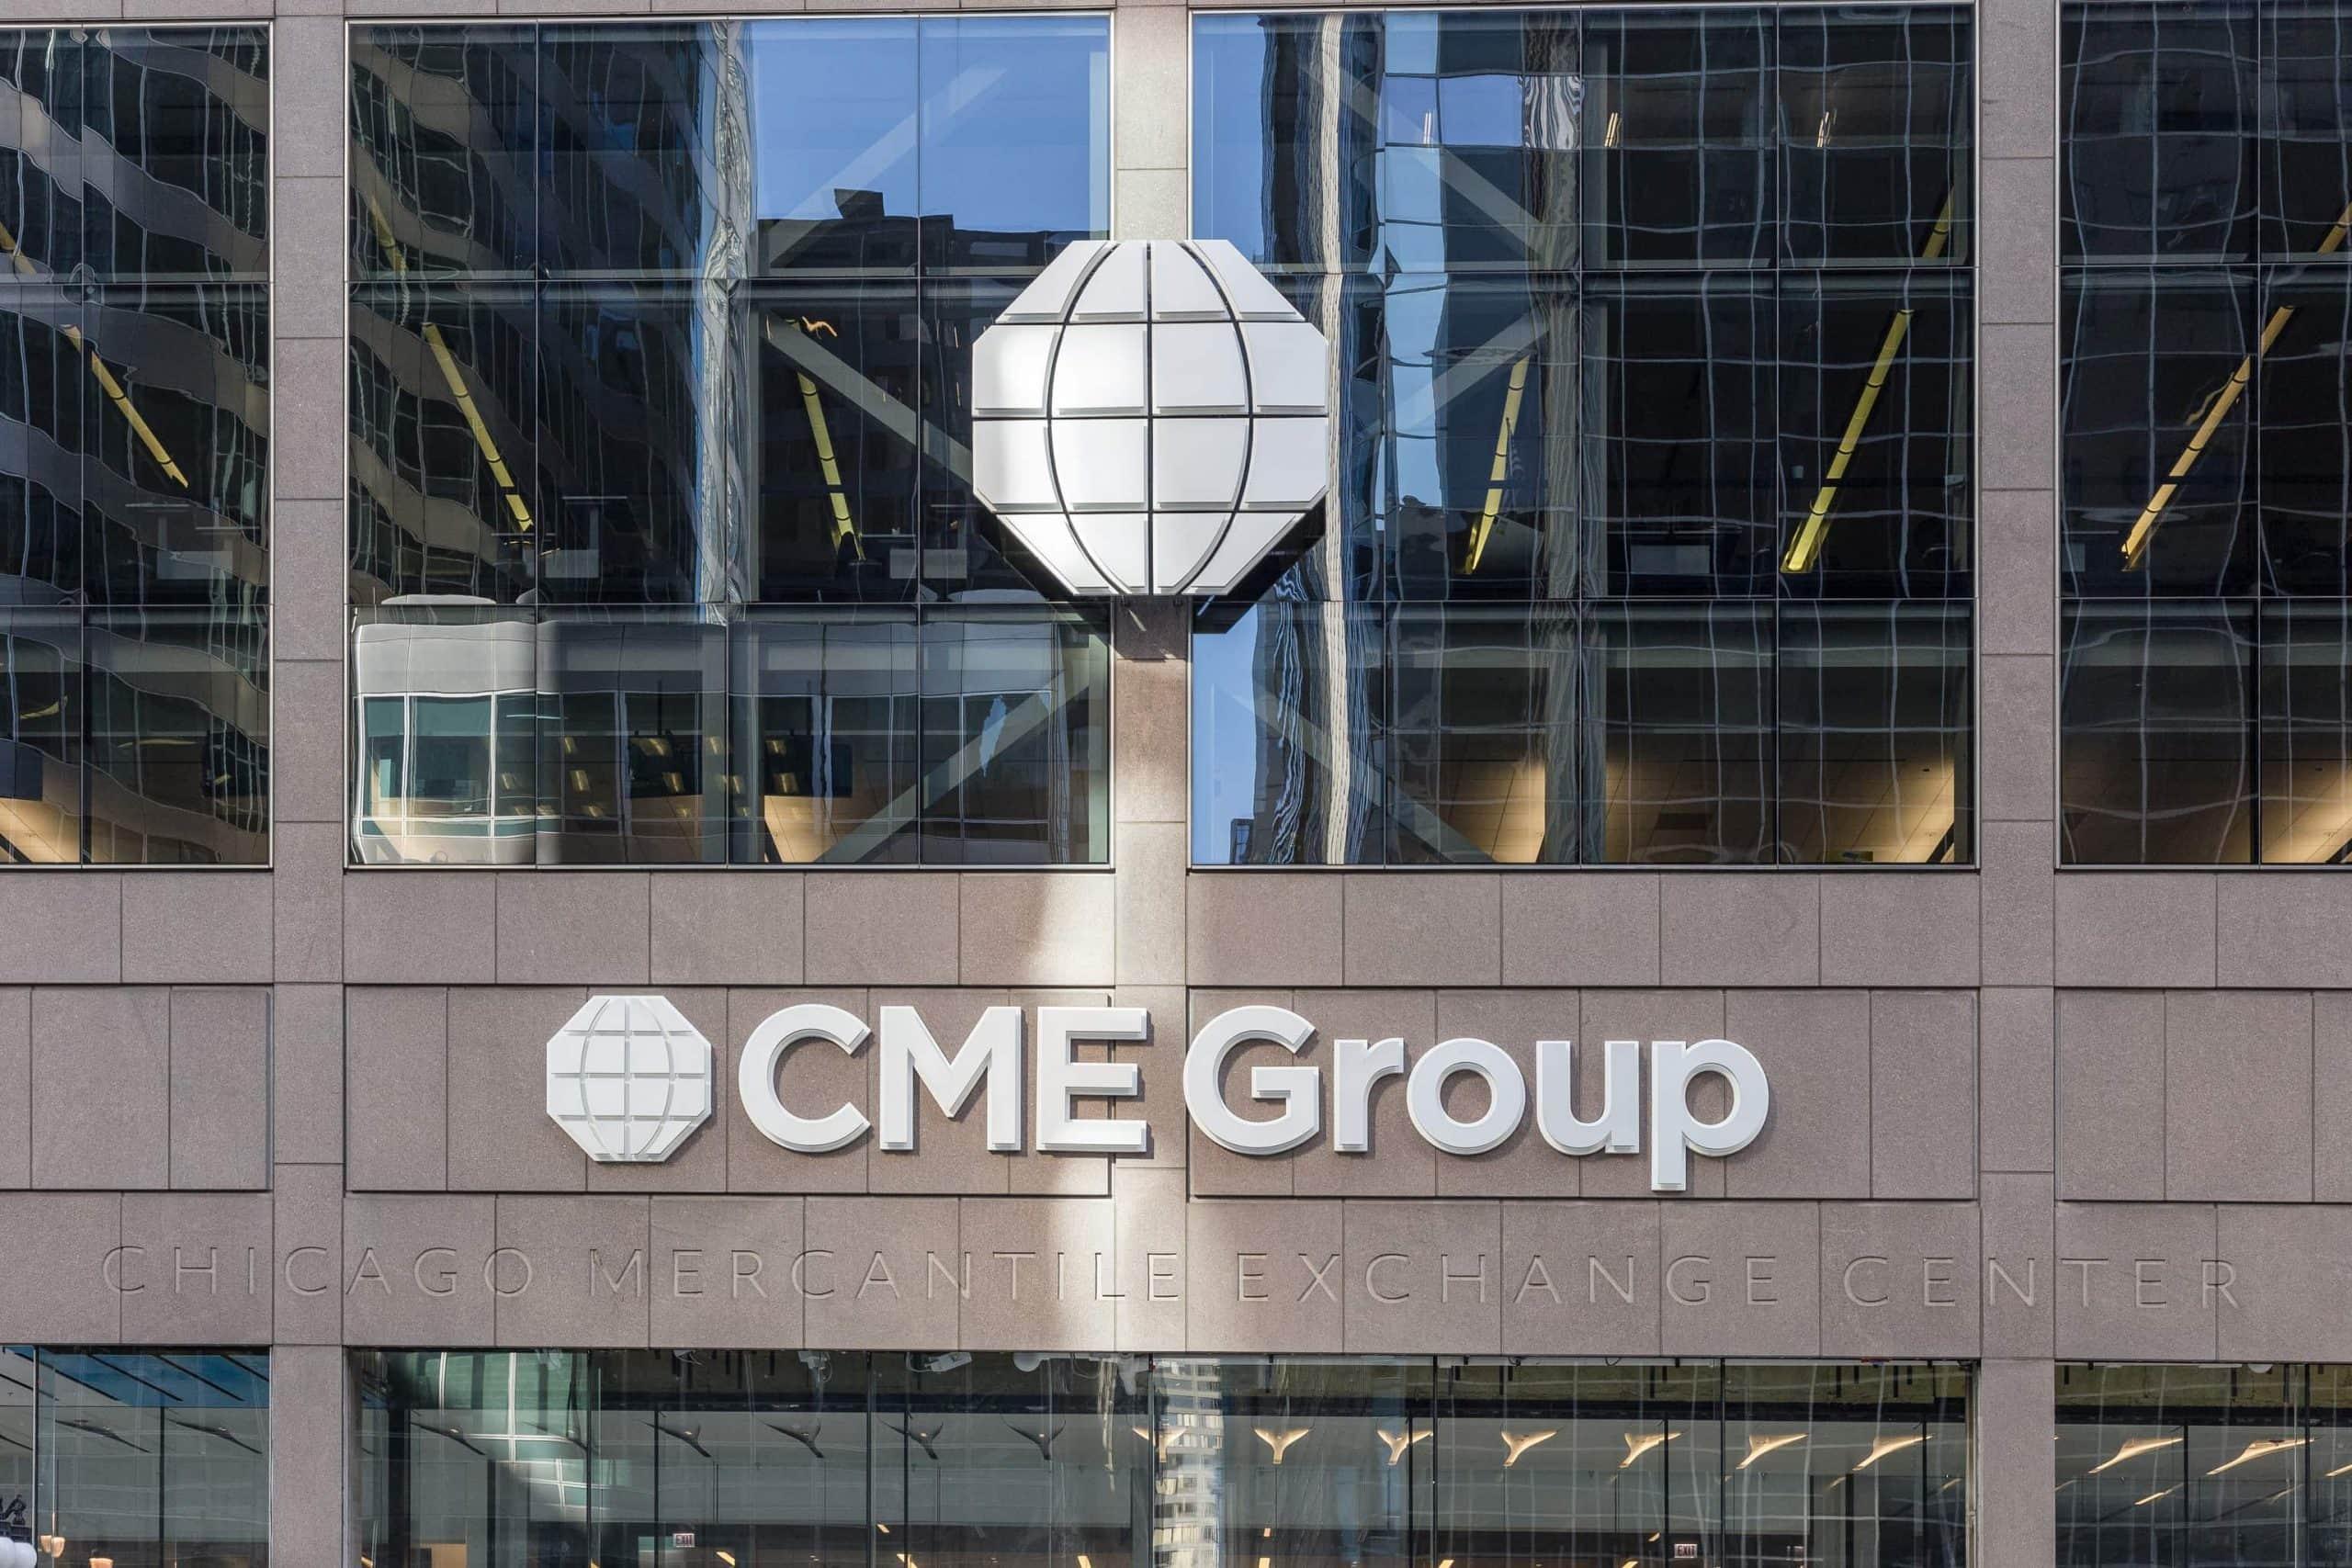 Das CME-Group-Logo auf einer gläsernen Fassade.